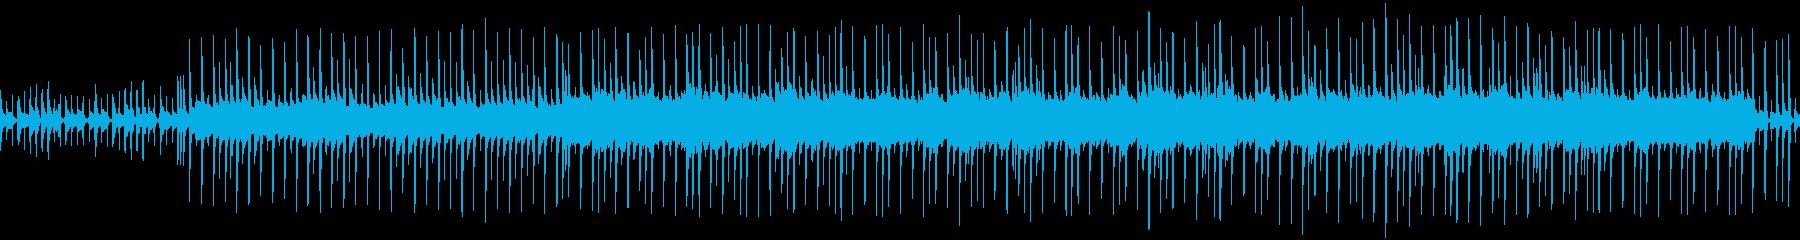 マリンバによるのんびりとしたループ曲の再生済みの波形